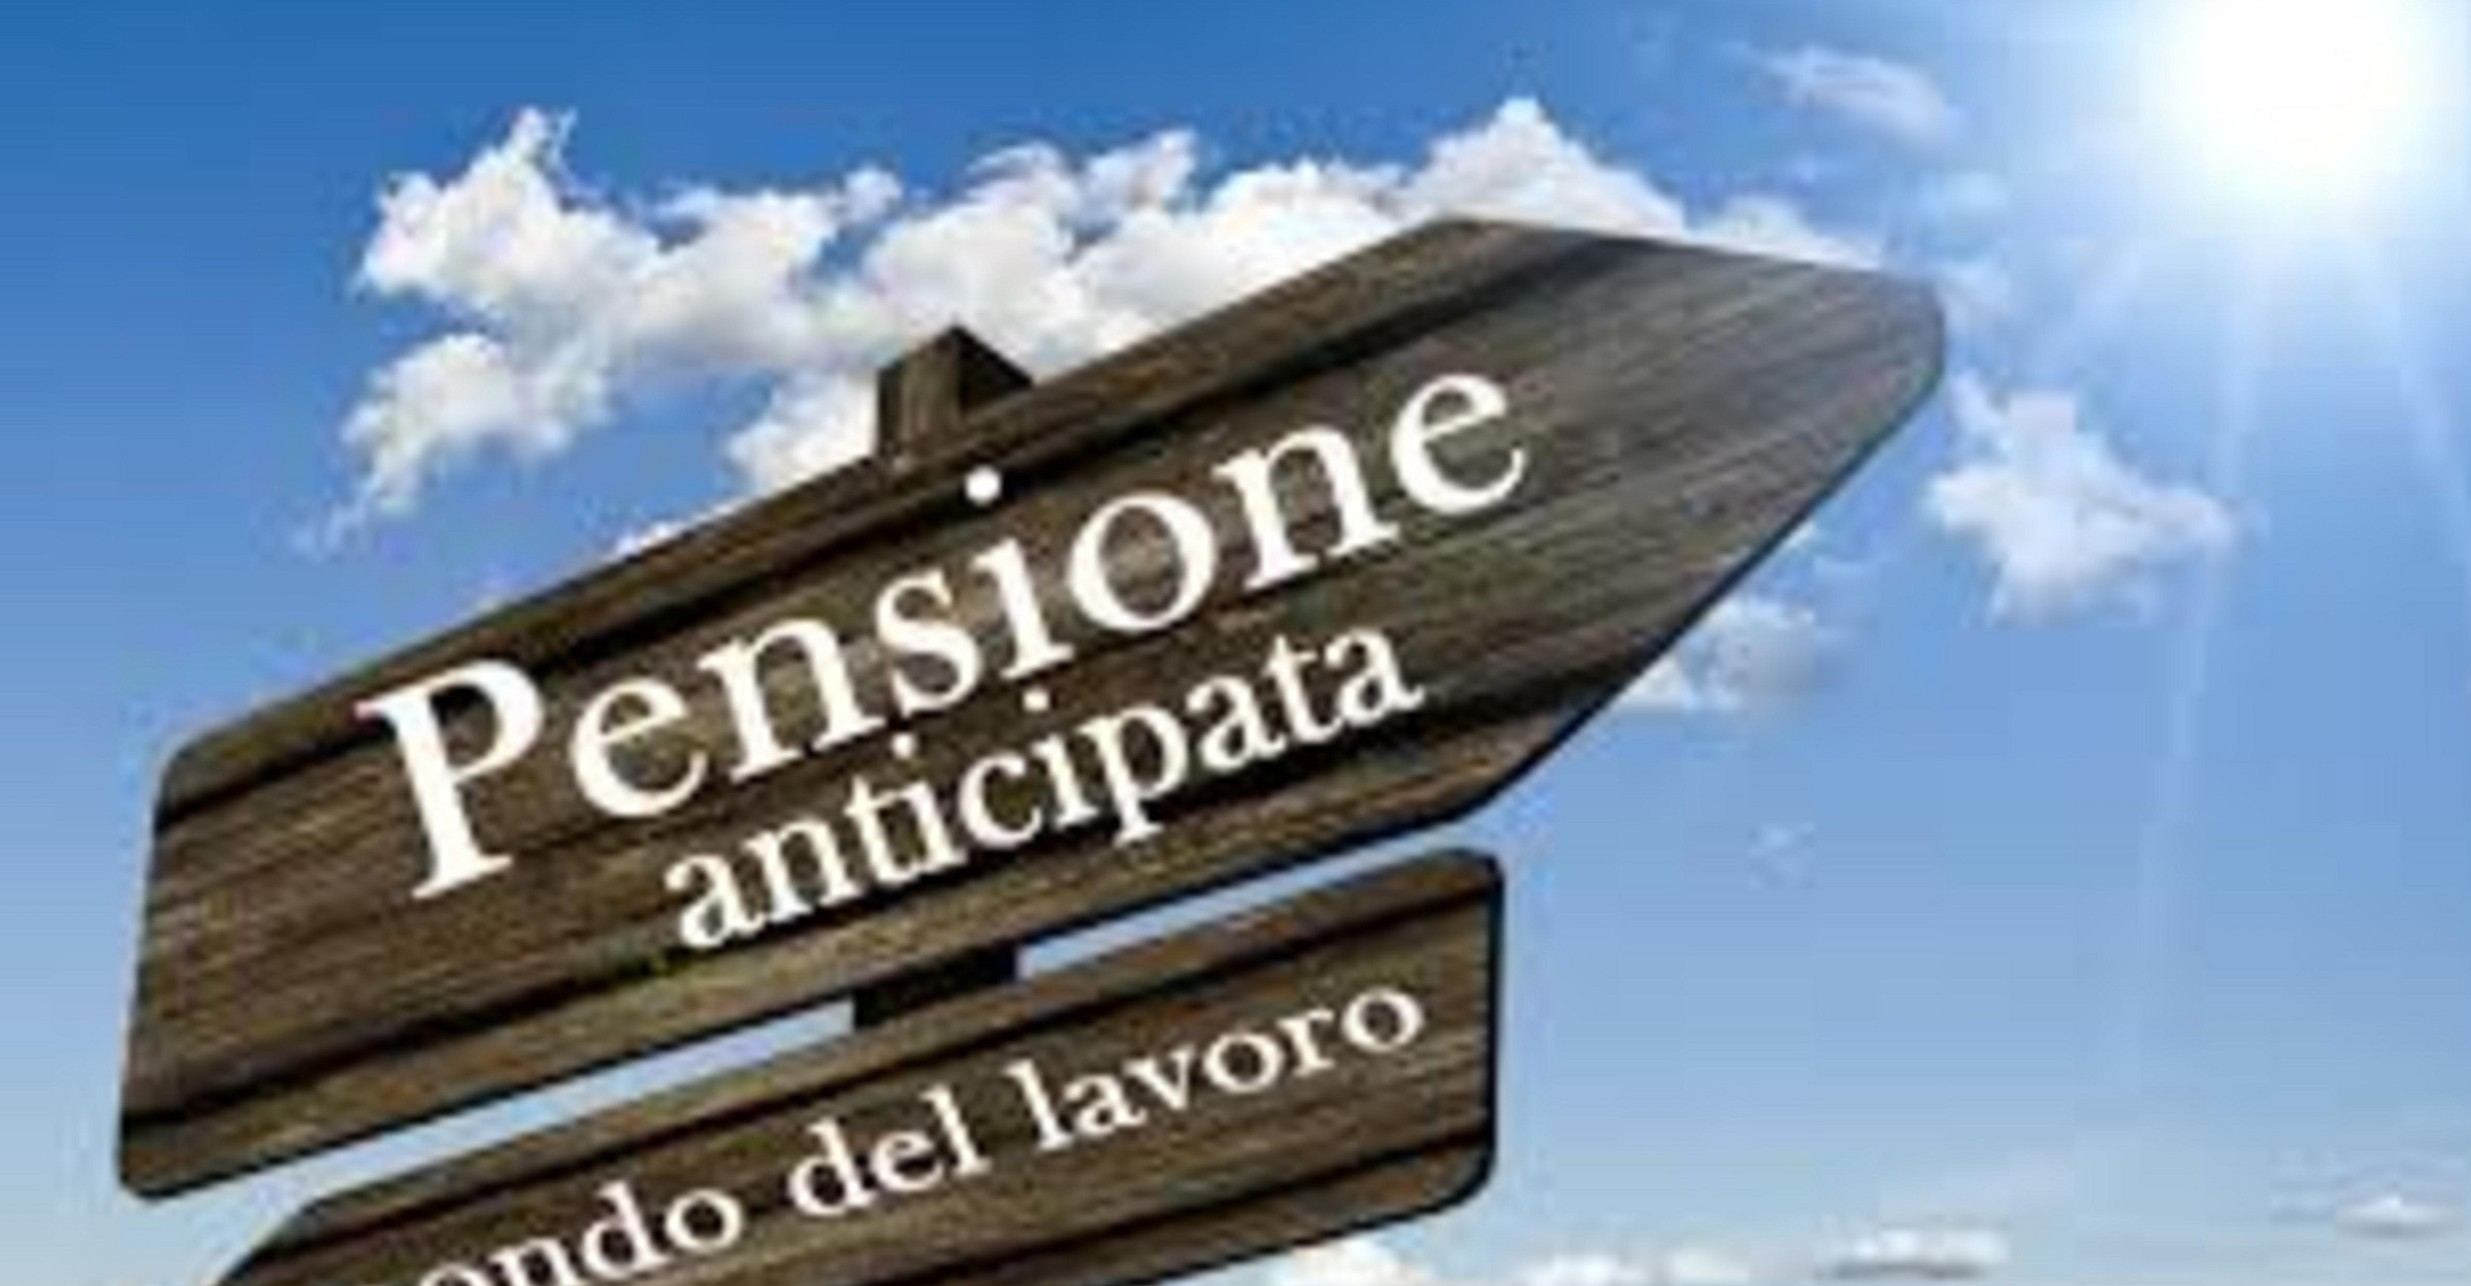 Pensione anticipata contributiva requisi